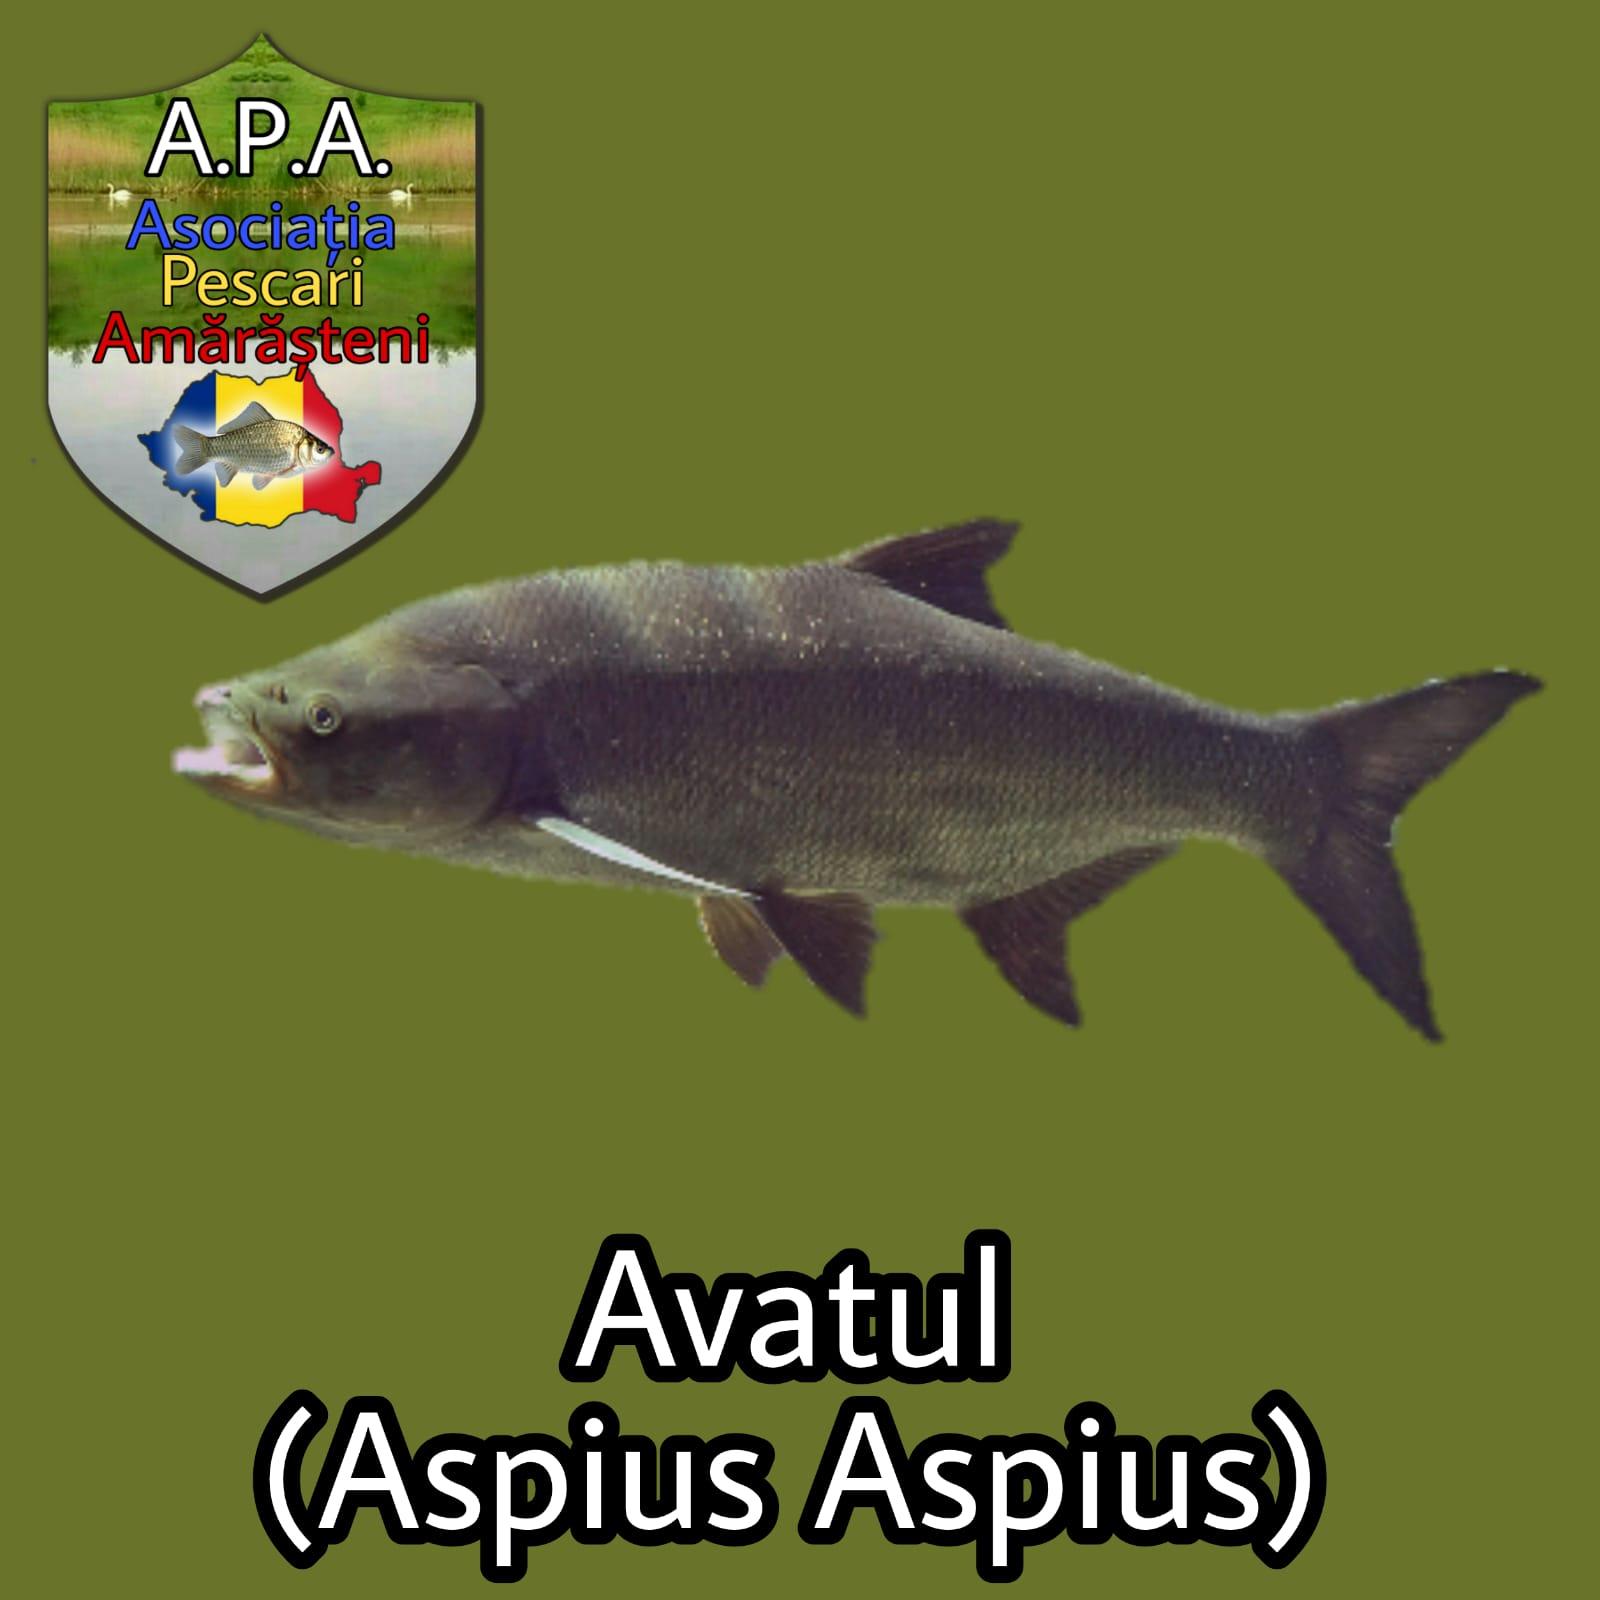 Avatul (Aspius aspius)